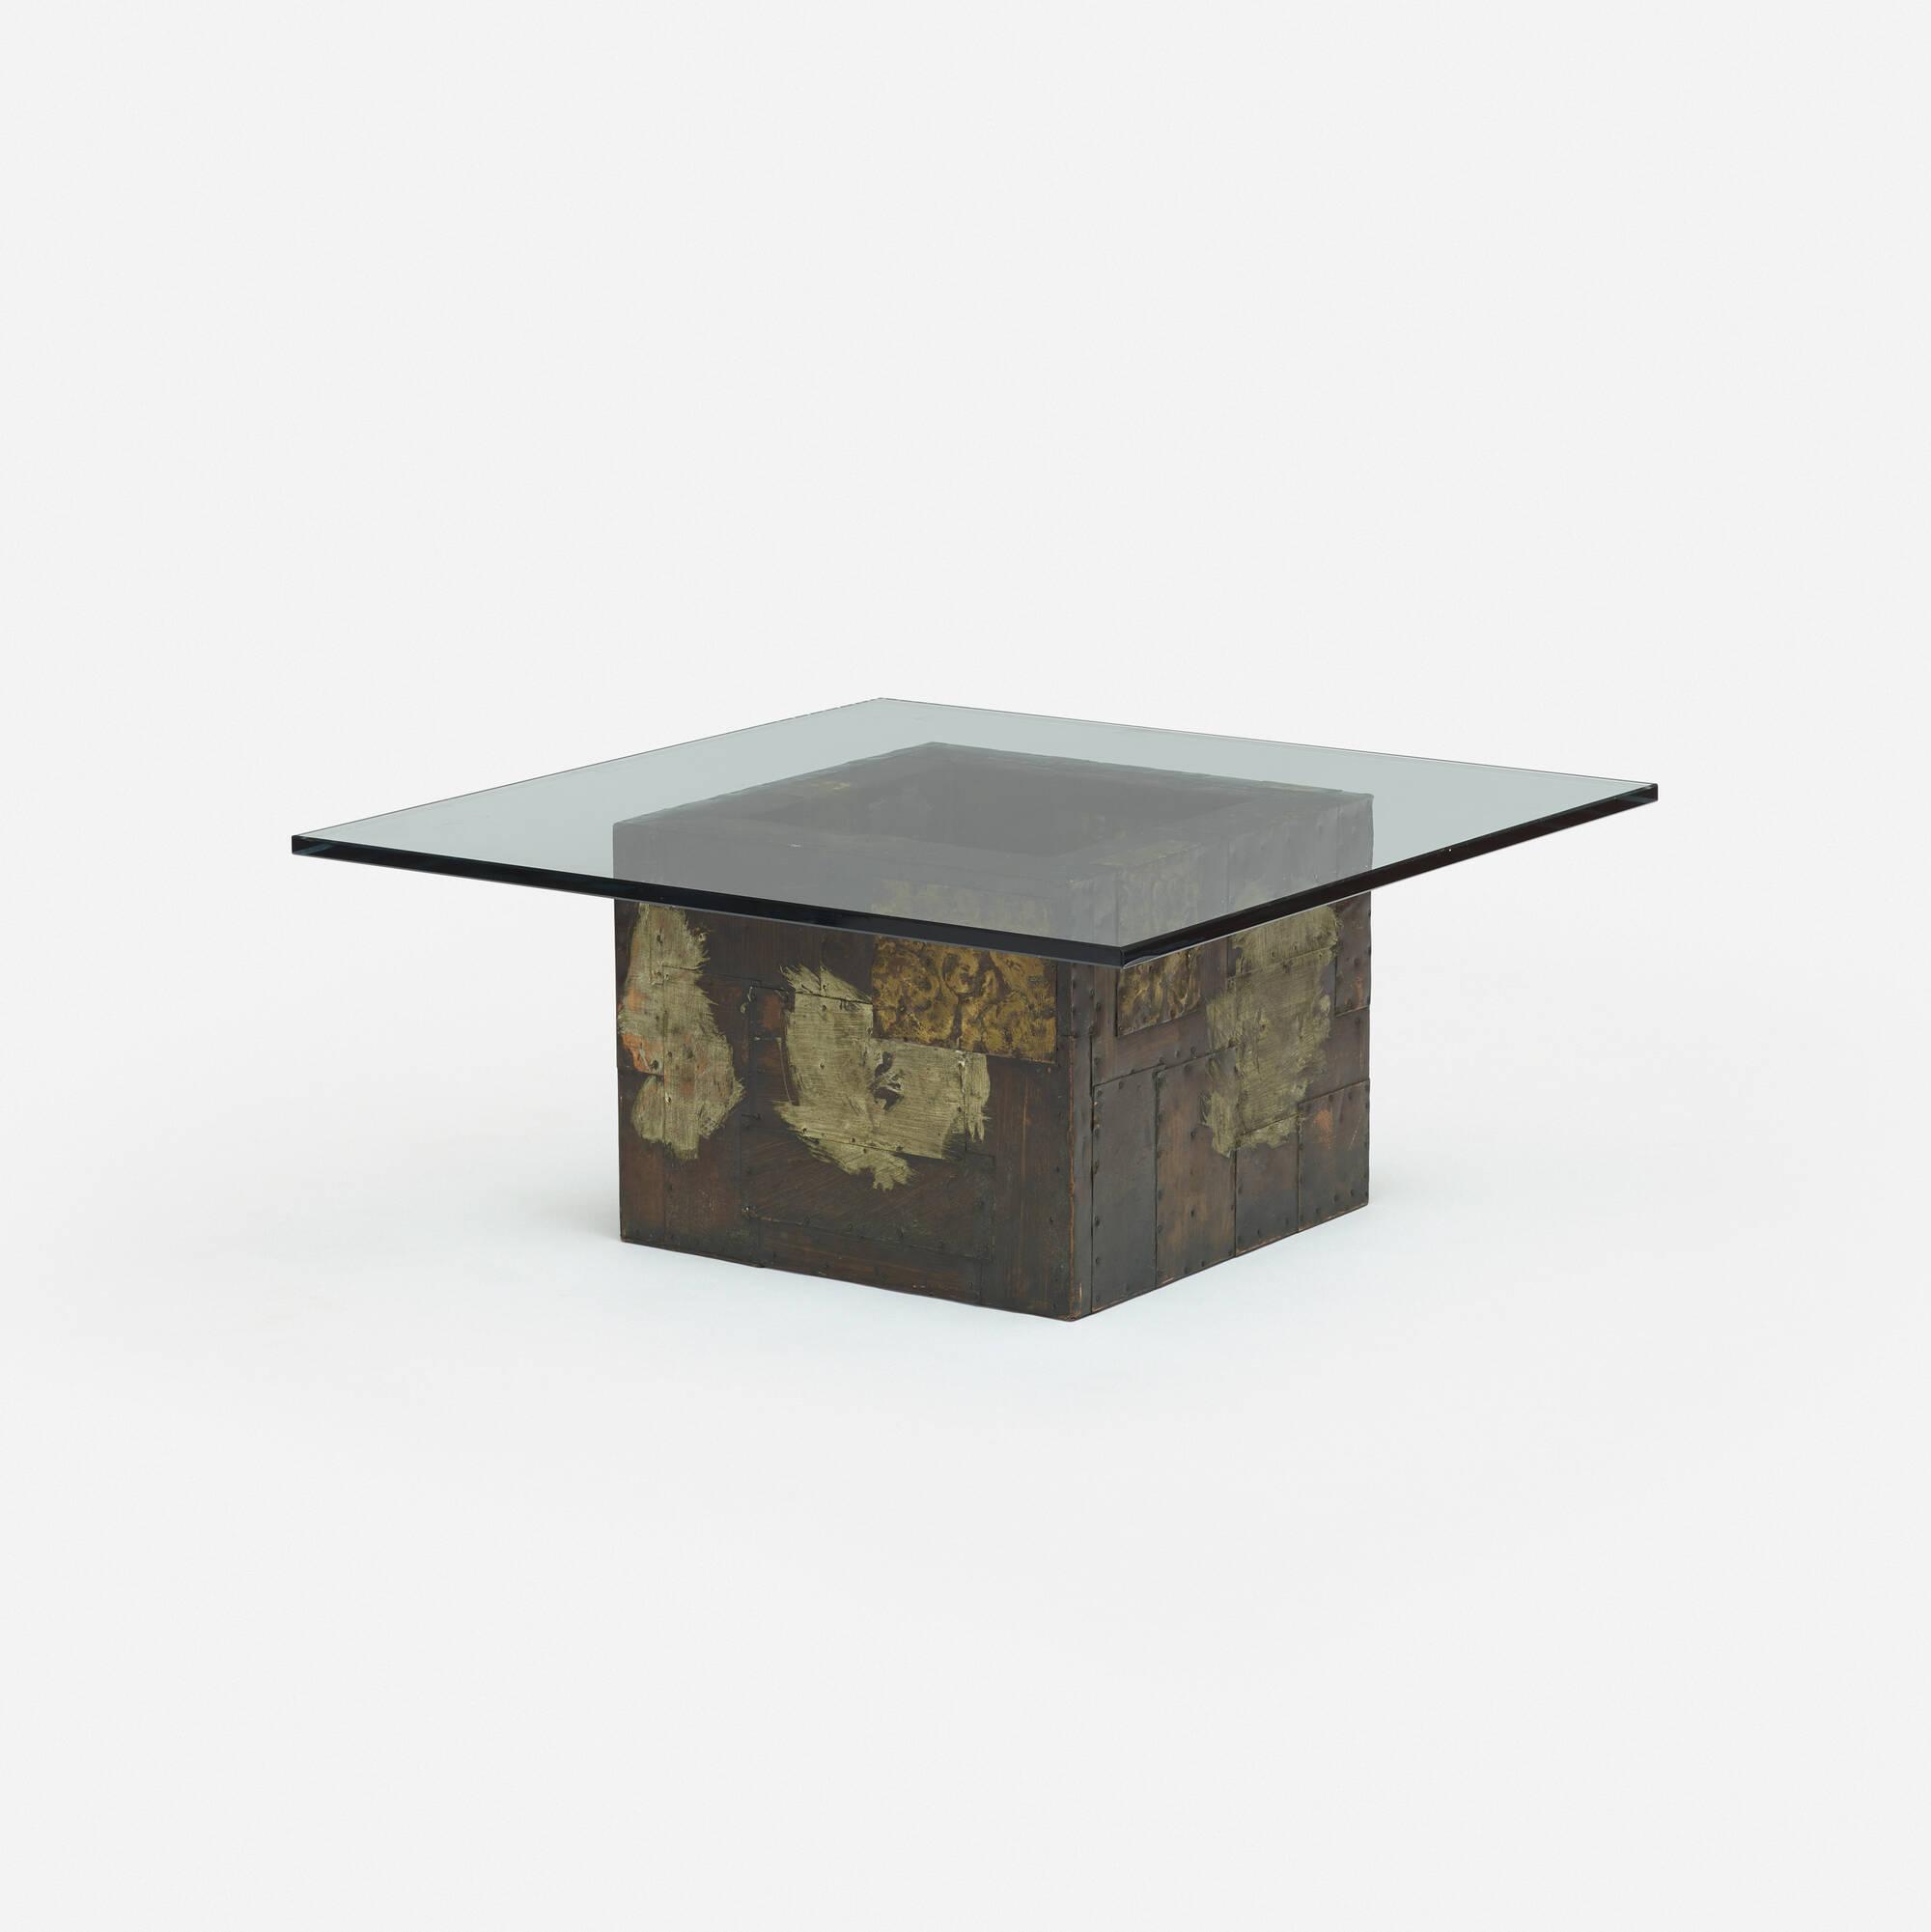 Beau 224: Paul Evans / Coffee Table, Model PE 30 (1 Of 3)